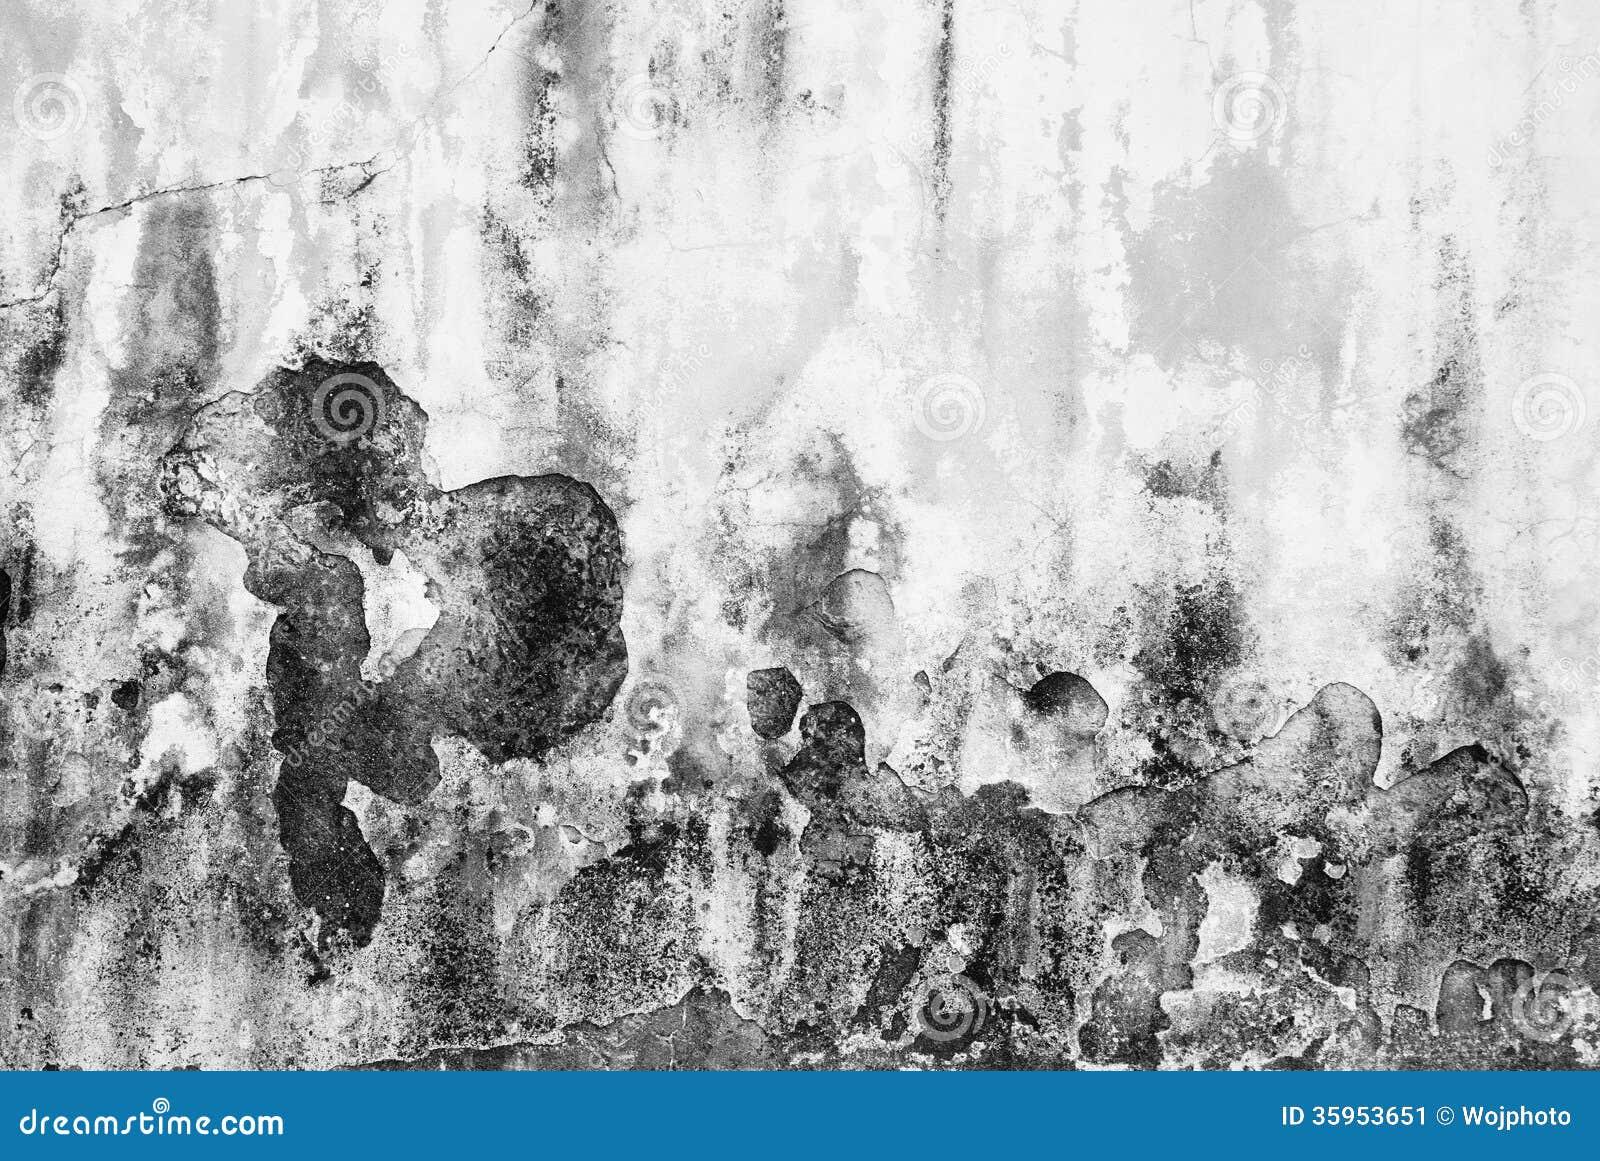 Vieja textura sucia y formada escamas de la pared en blanco y negro